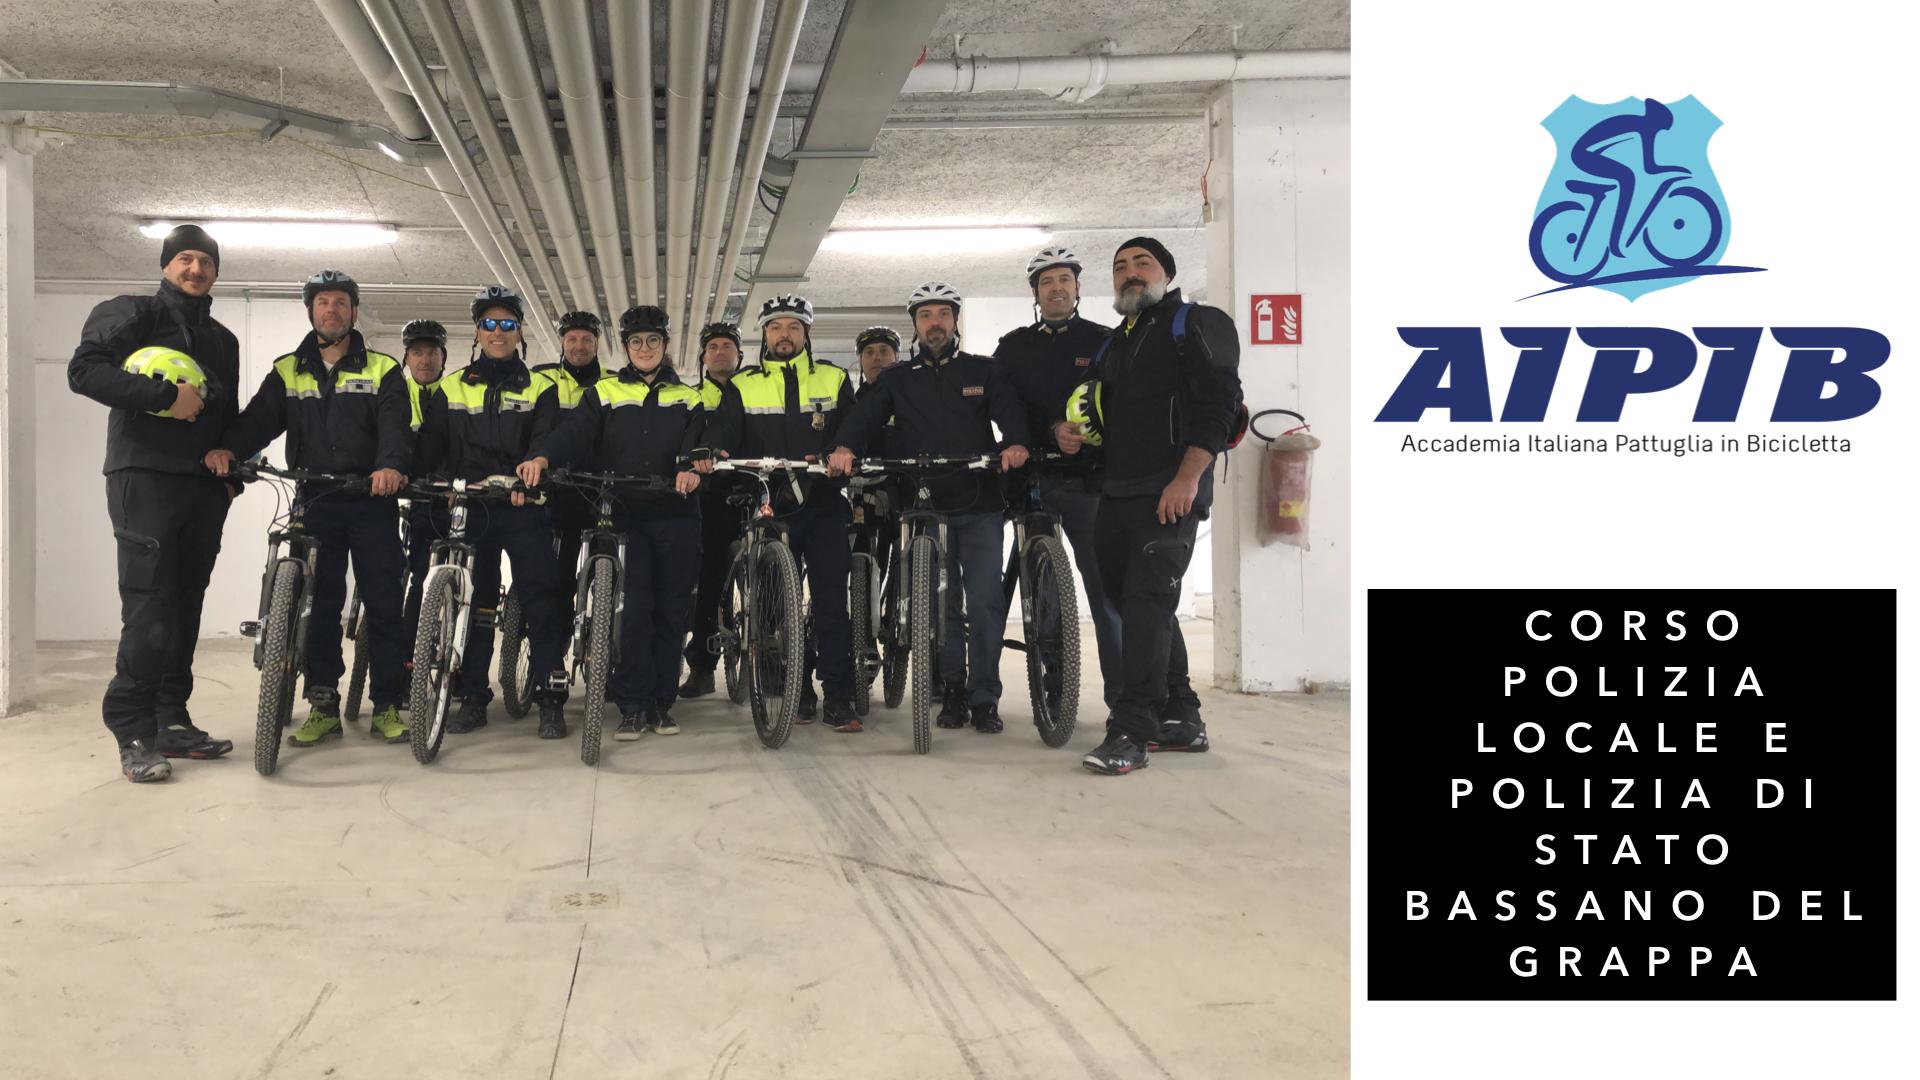 corso bike patrol  bassano del grappa